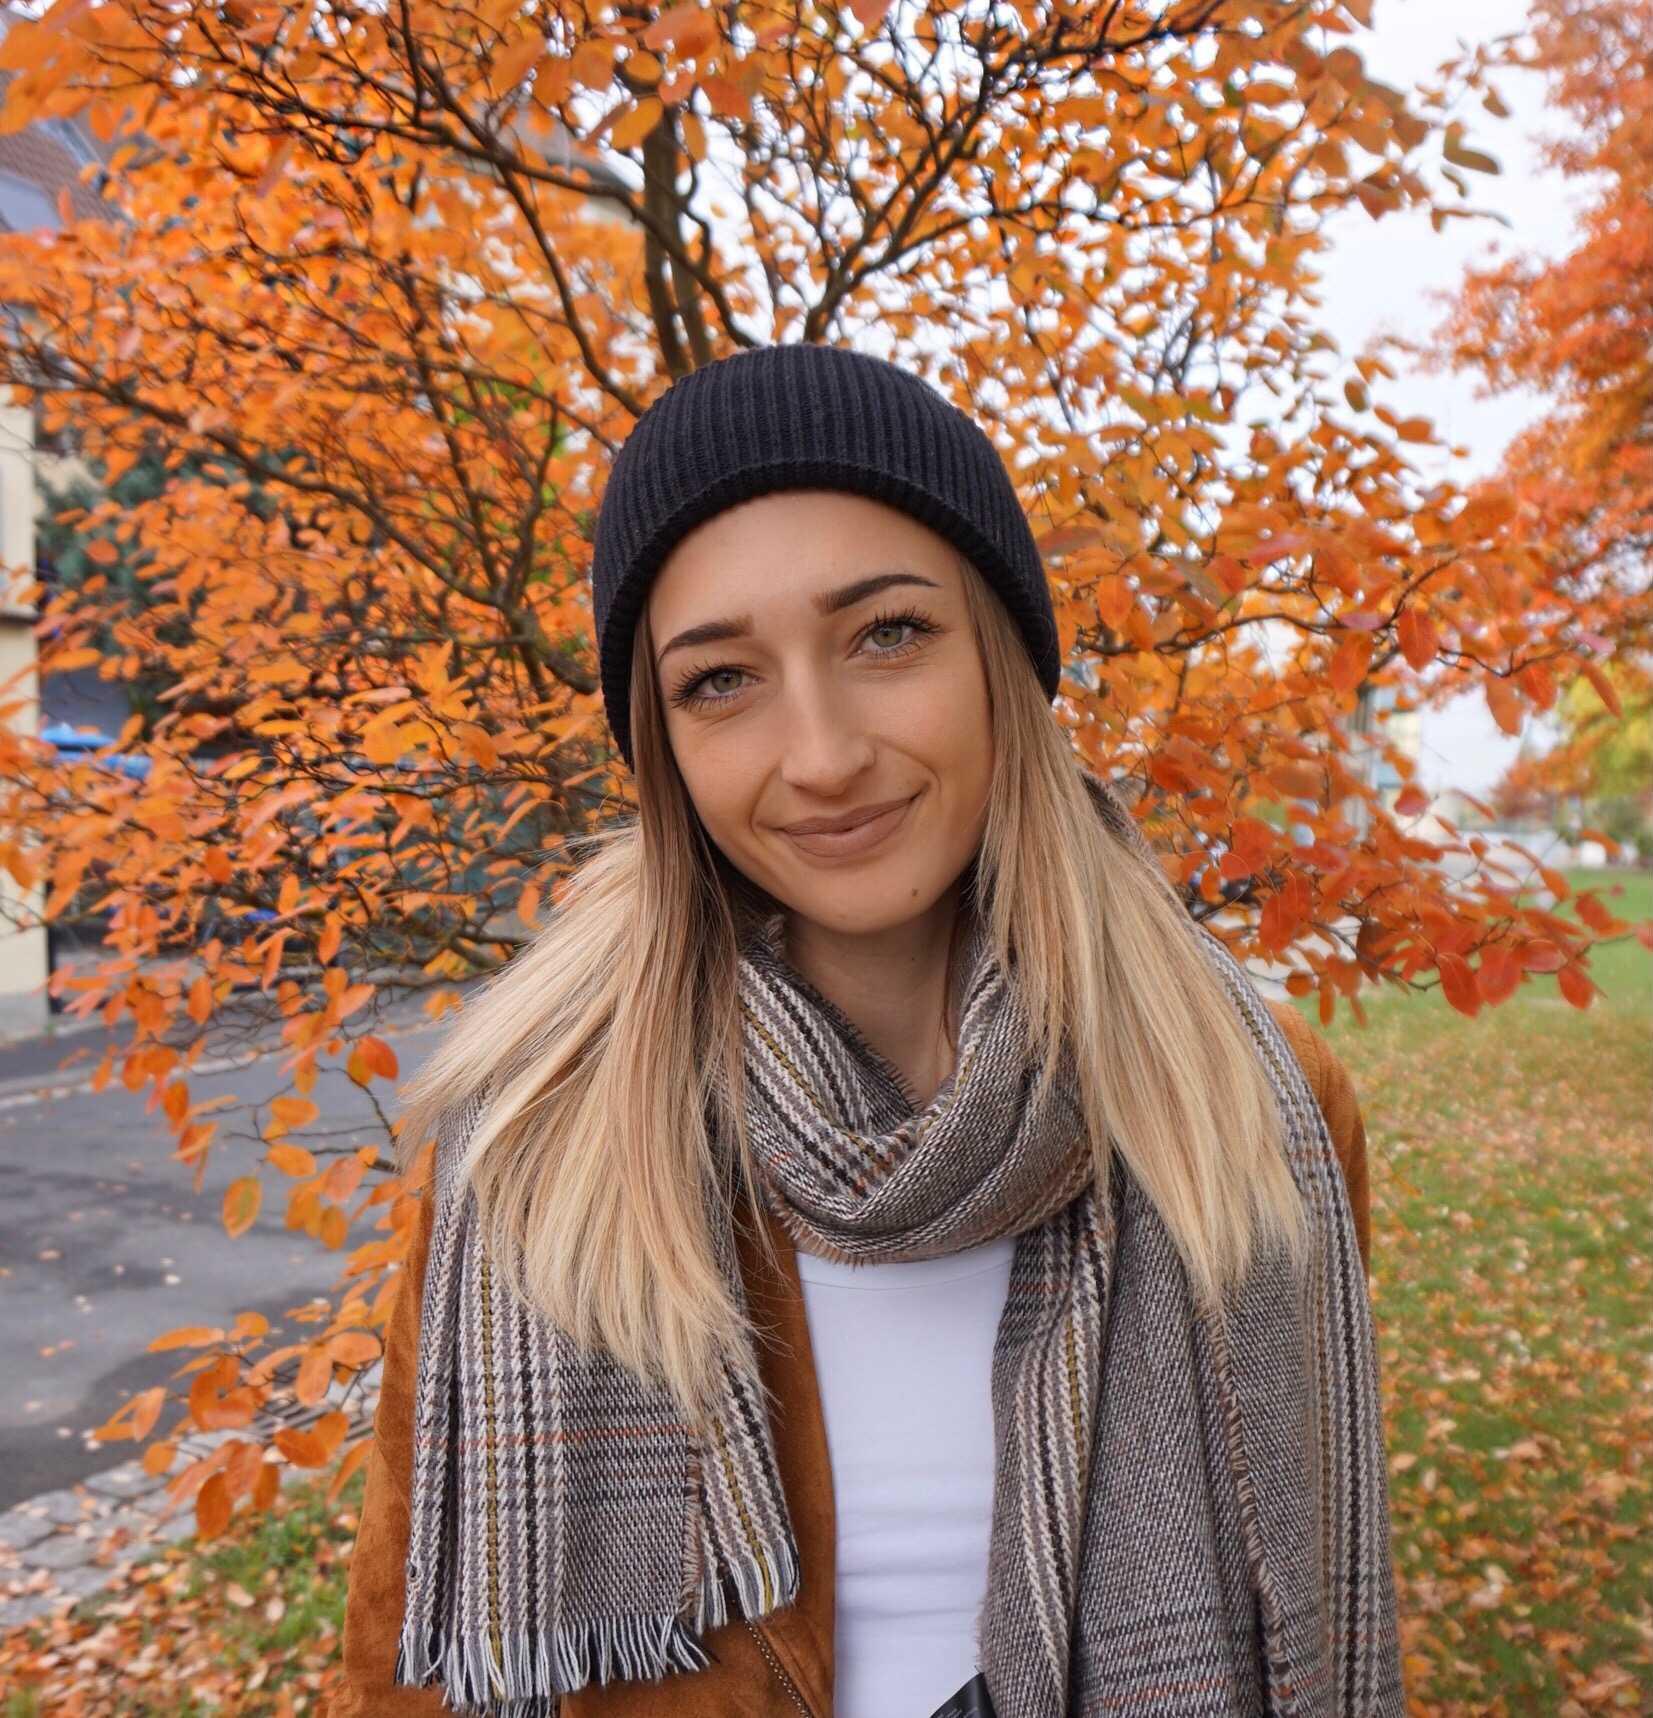 Jura: Das Examen nicht bestanden - und nun? | Junge Presse